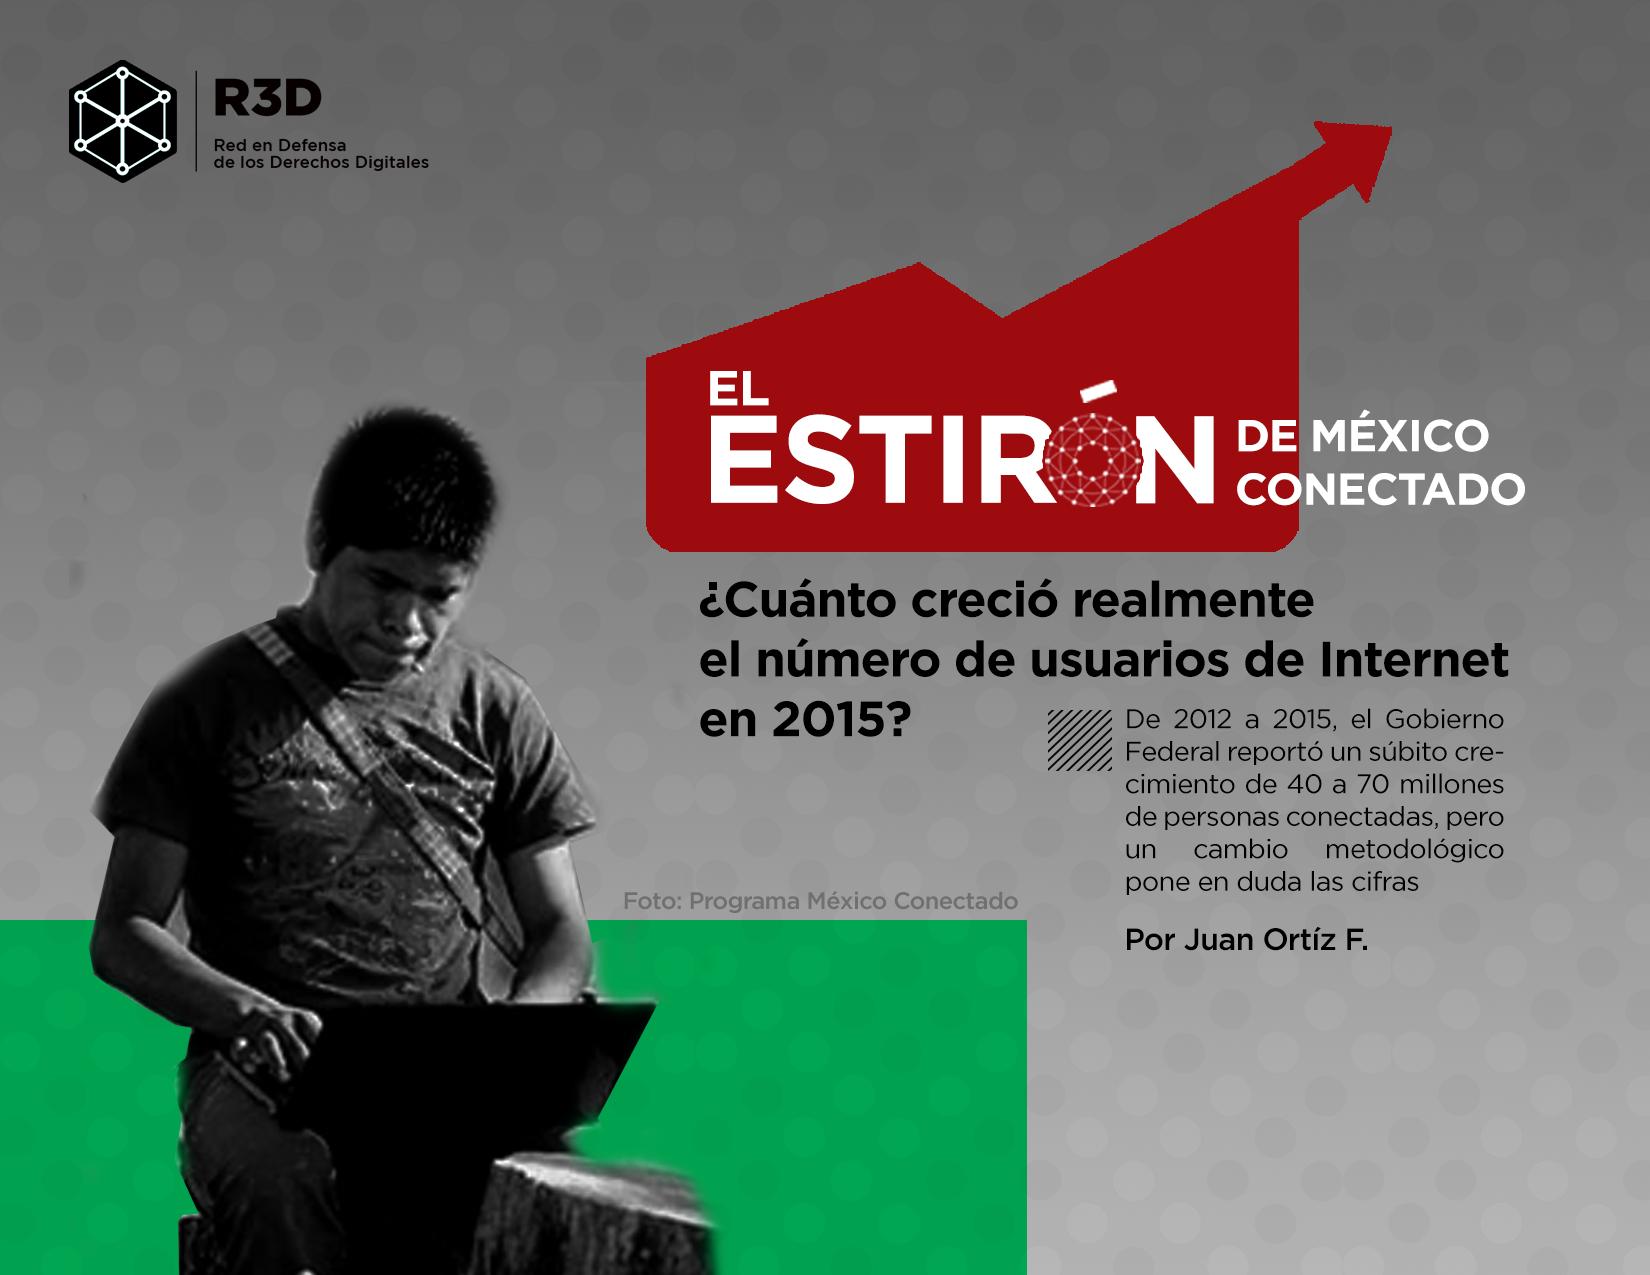 El estirón de México Conectado: ¿cuánto creció realmente el número de usuarios de Internet en 2015?